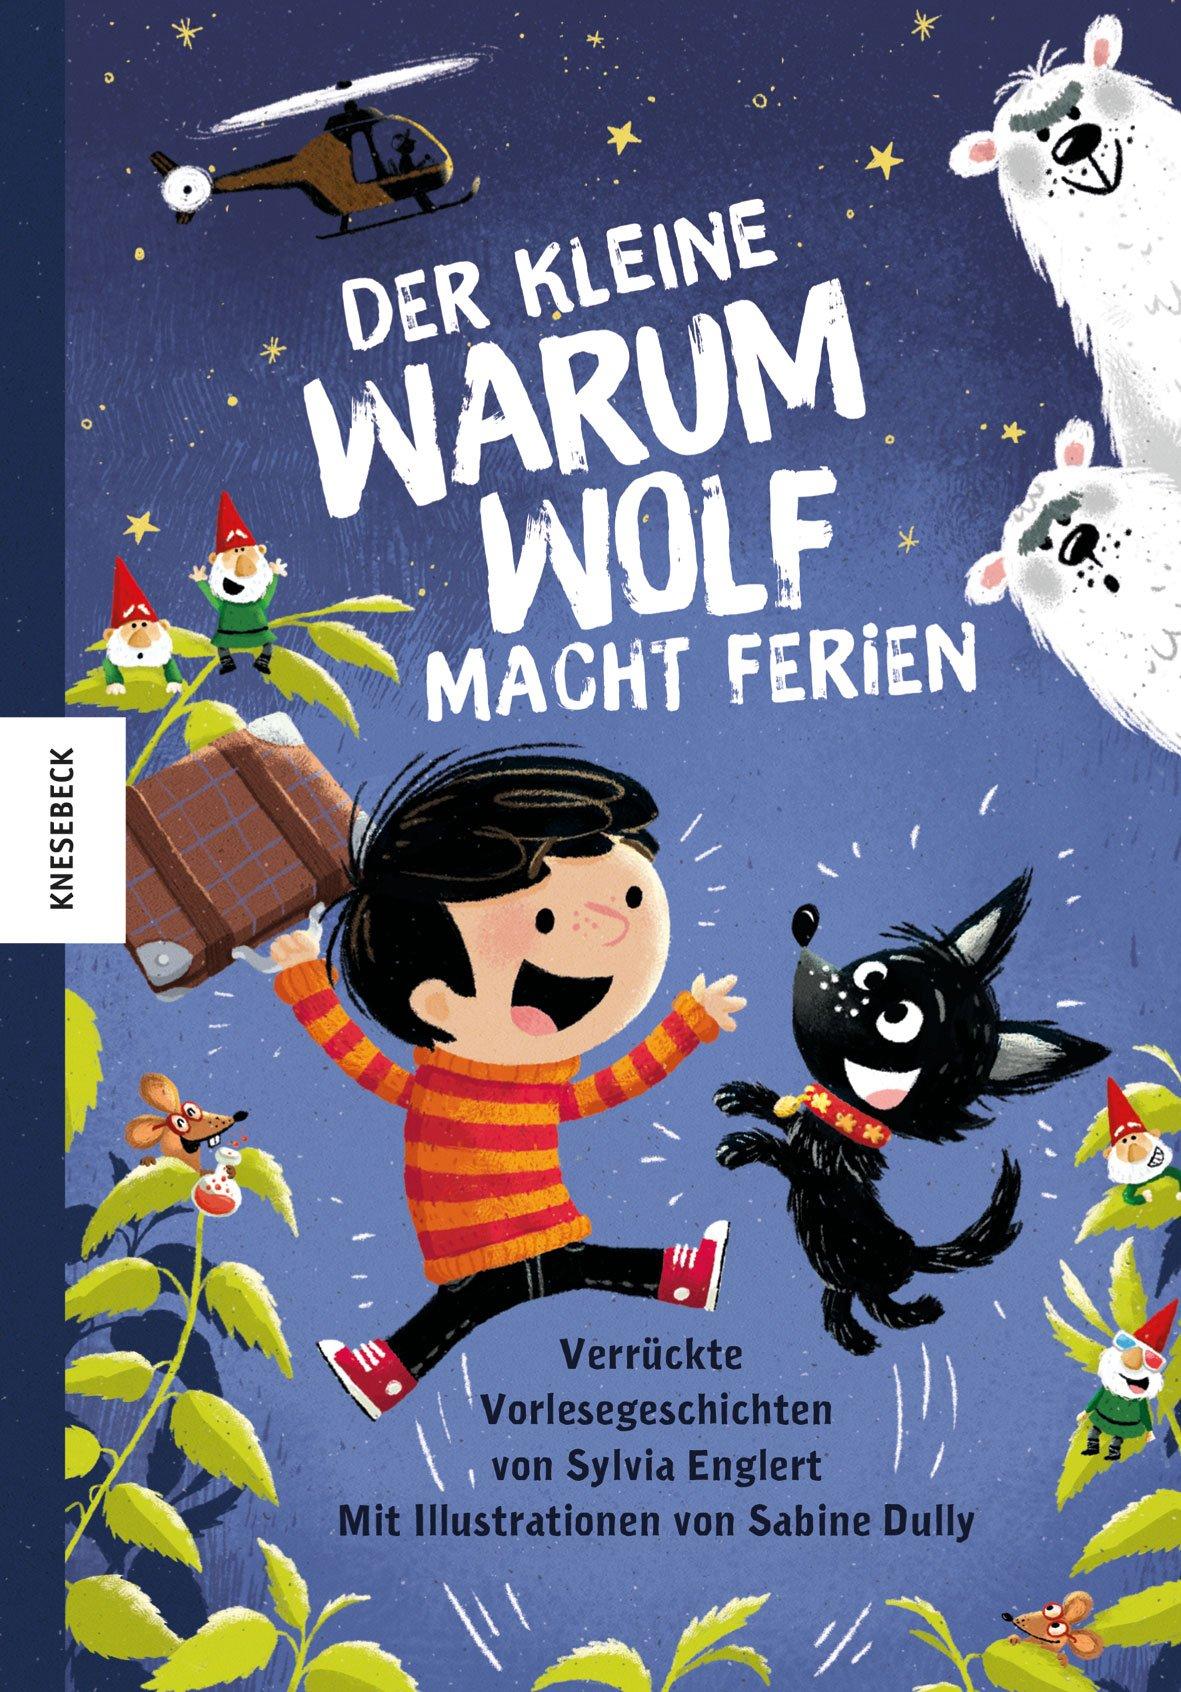 Der kleine Warumwolf macht Ferien: Verrückte Vorlesegeschichten von Sylvia Englert